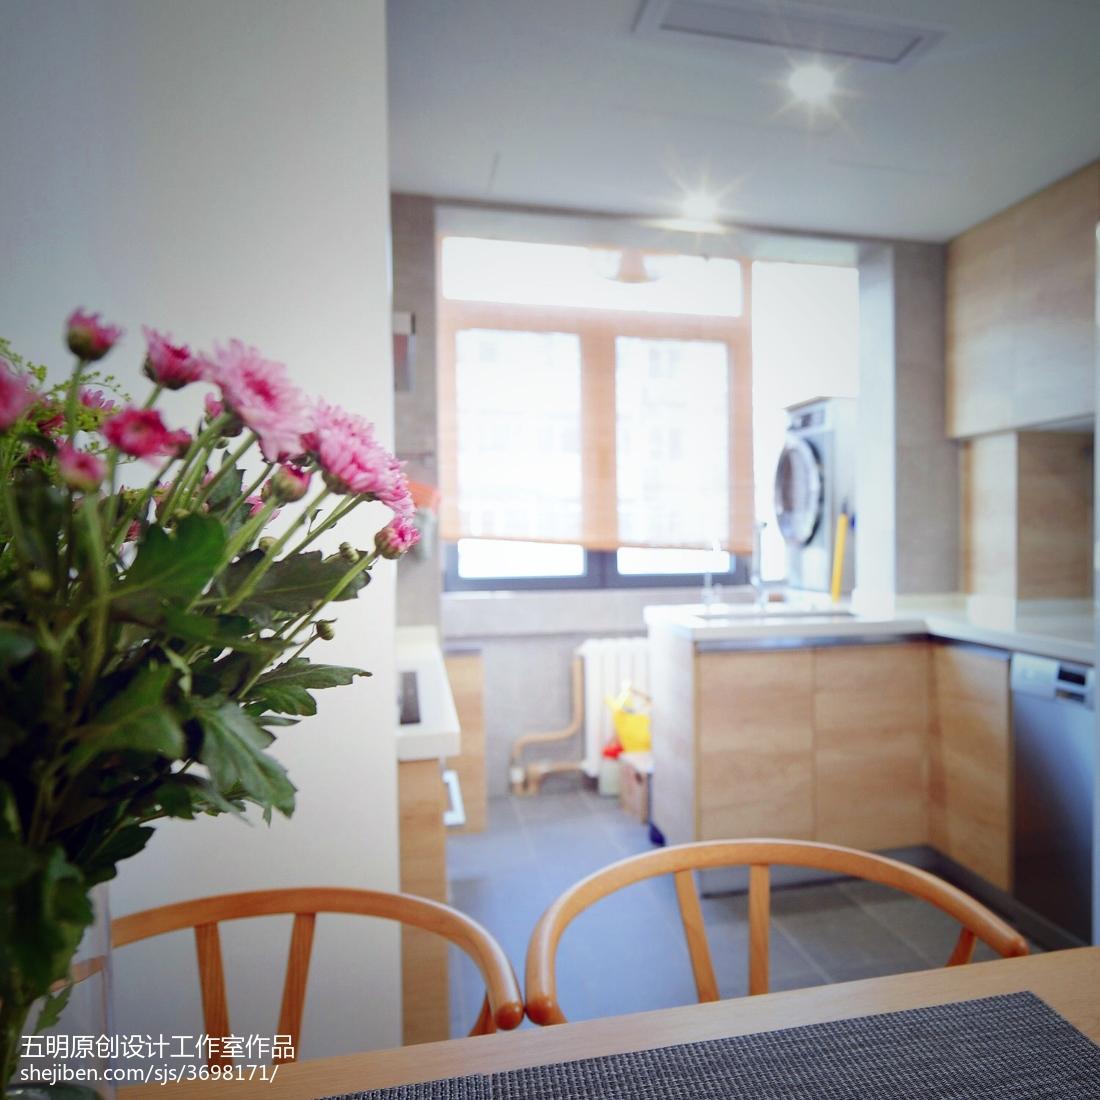 精美日式小户型厨房欣赏图片大全